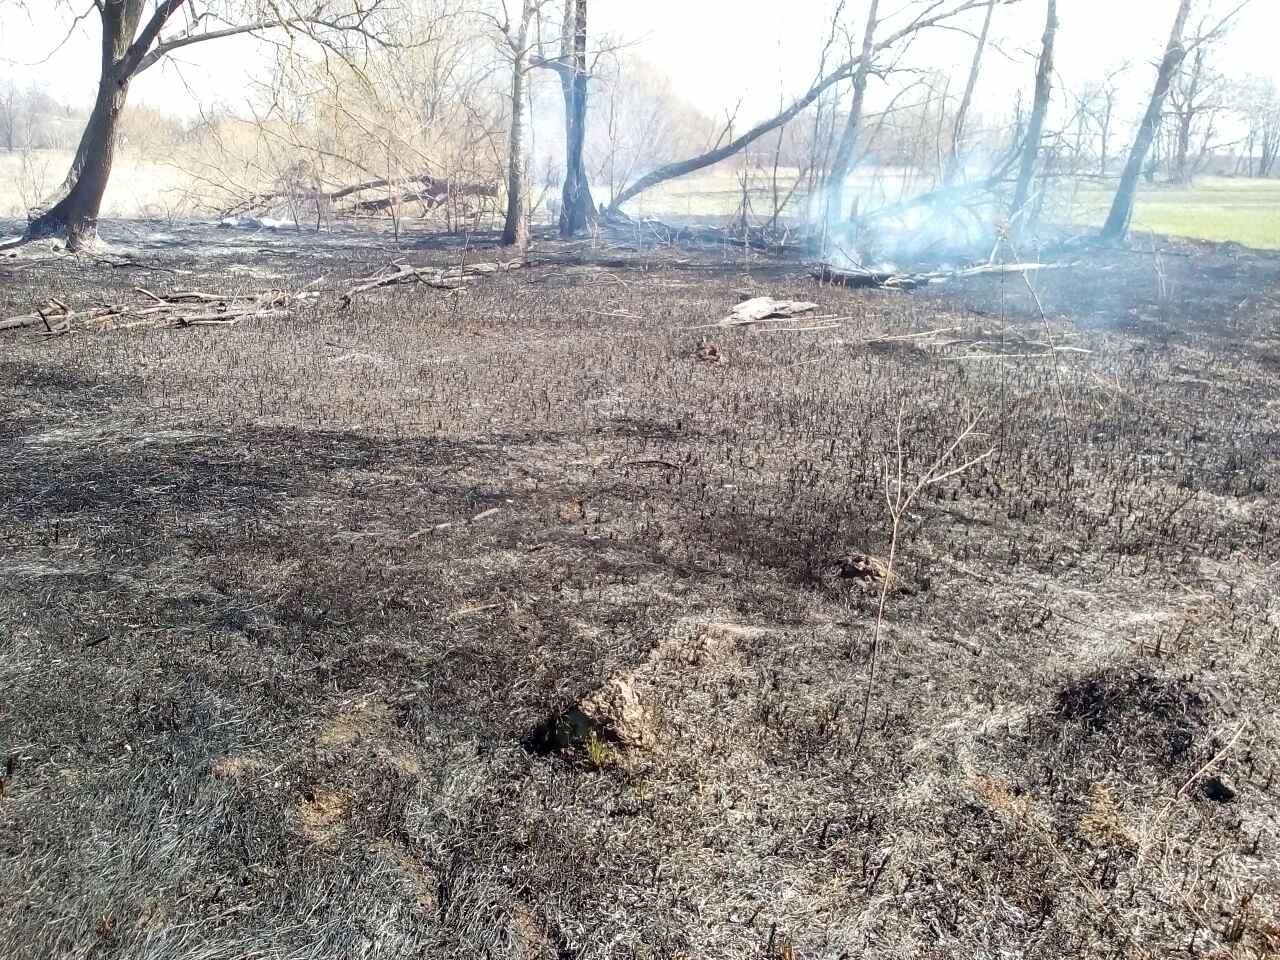 """У Яготинському районі бабуся влаштувала пожежу, щоб """"викурити"""" лисиць -  - viber image 2020 04 03 13 52kkkk15"""